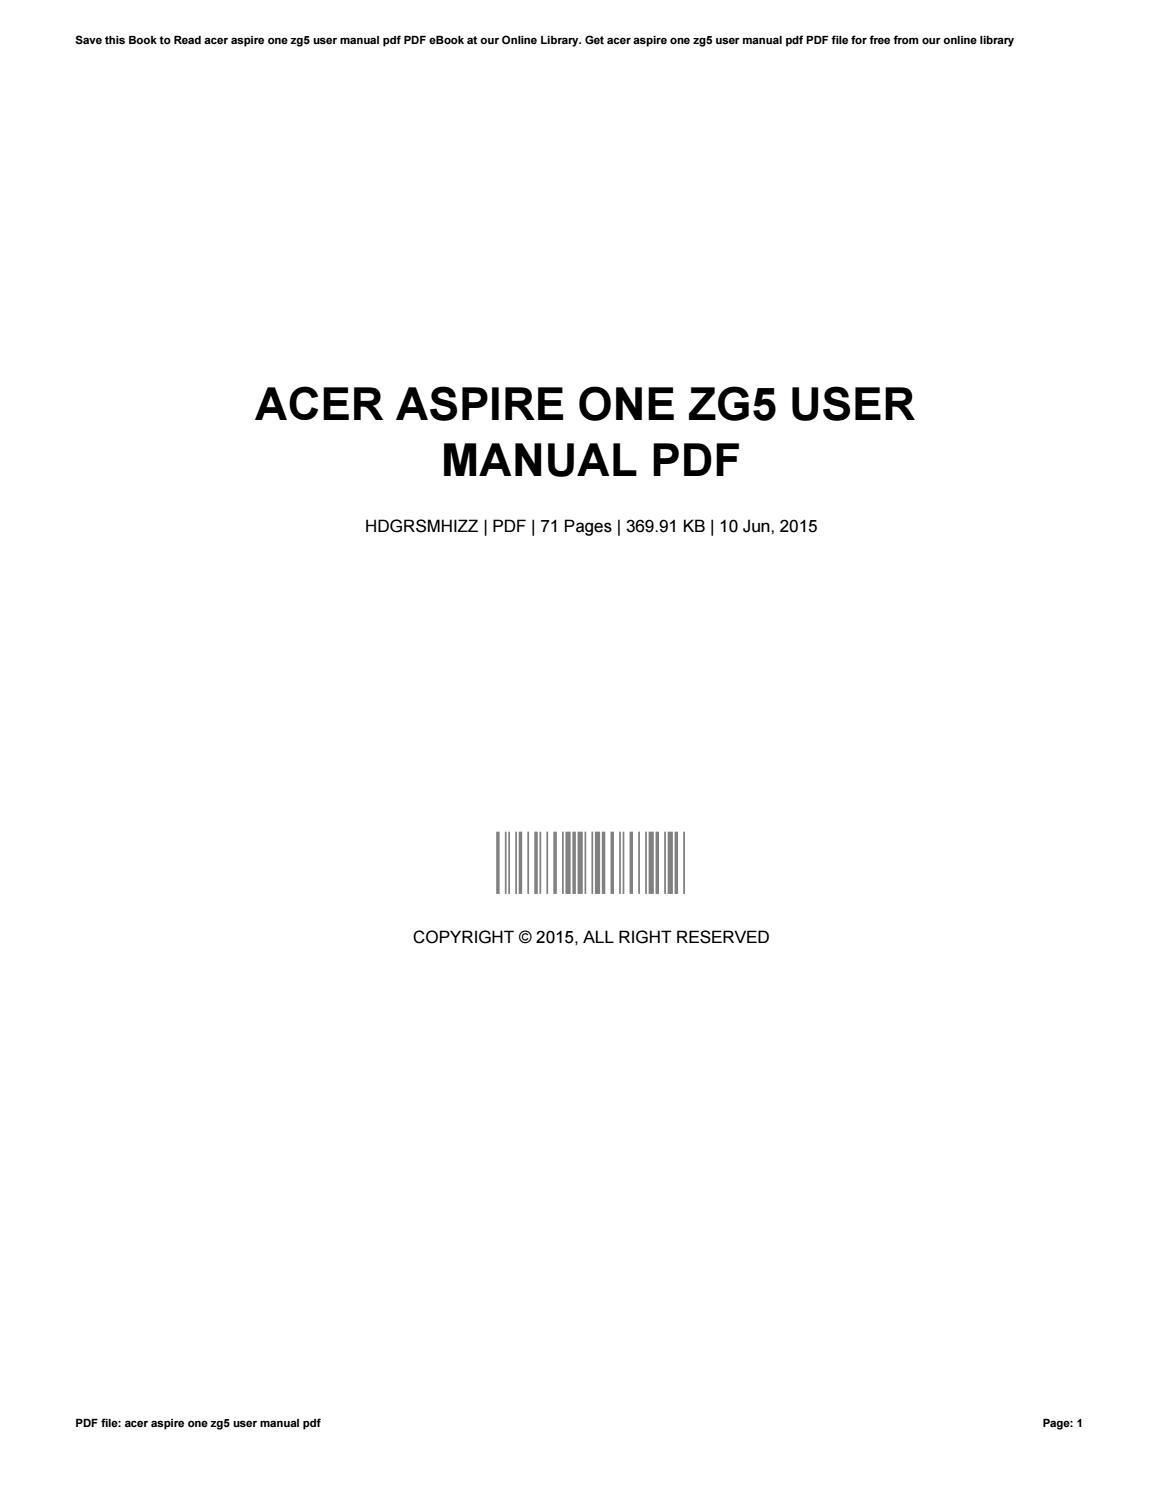 ... Array - acer aspire one zg5 user manual pdf by johnmassie4466 issuu rh  issuu ...